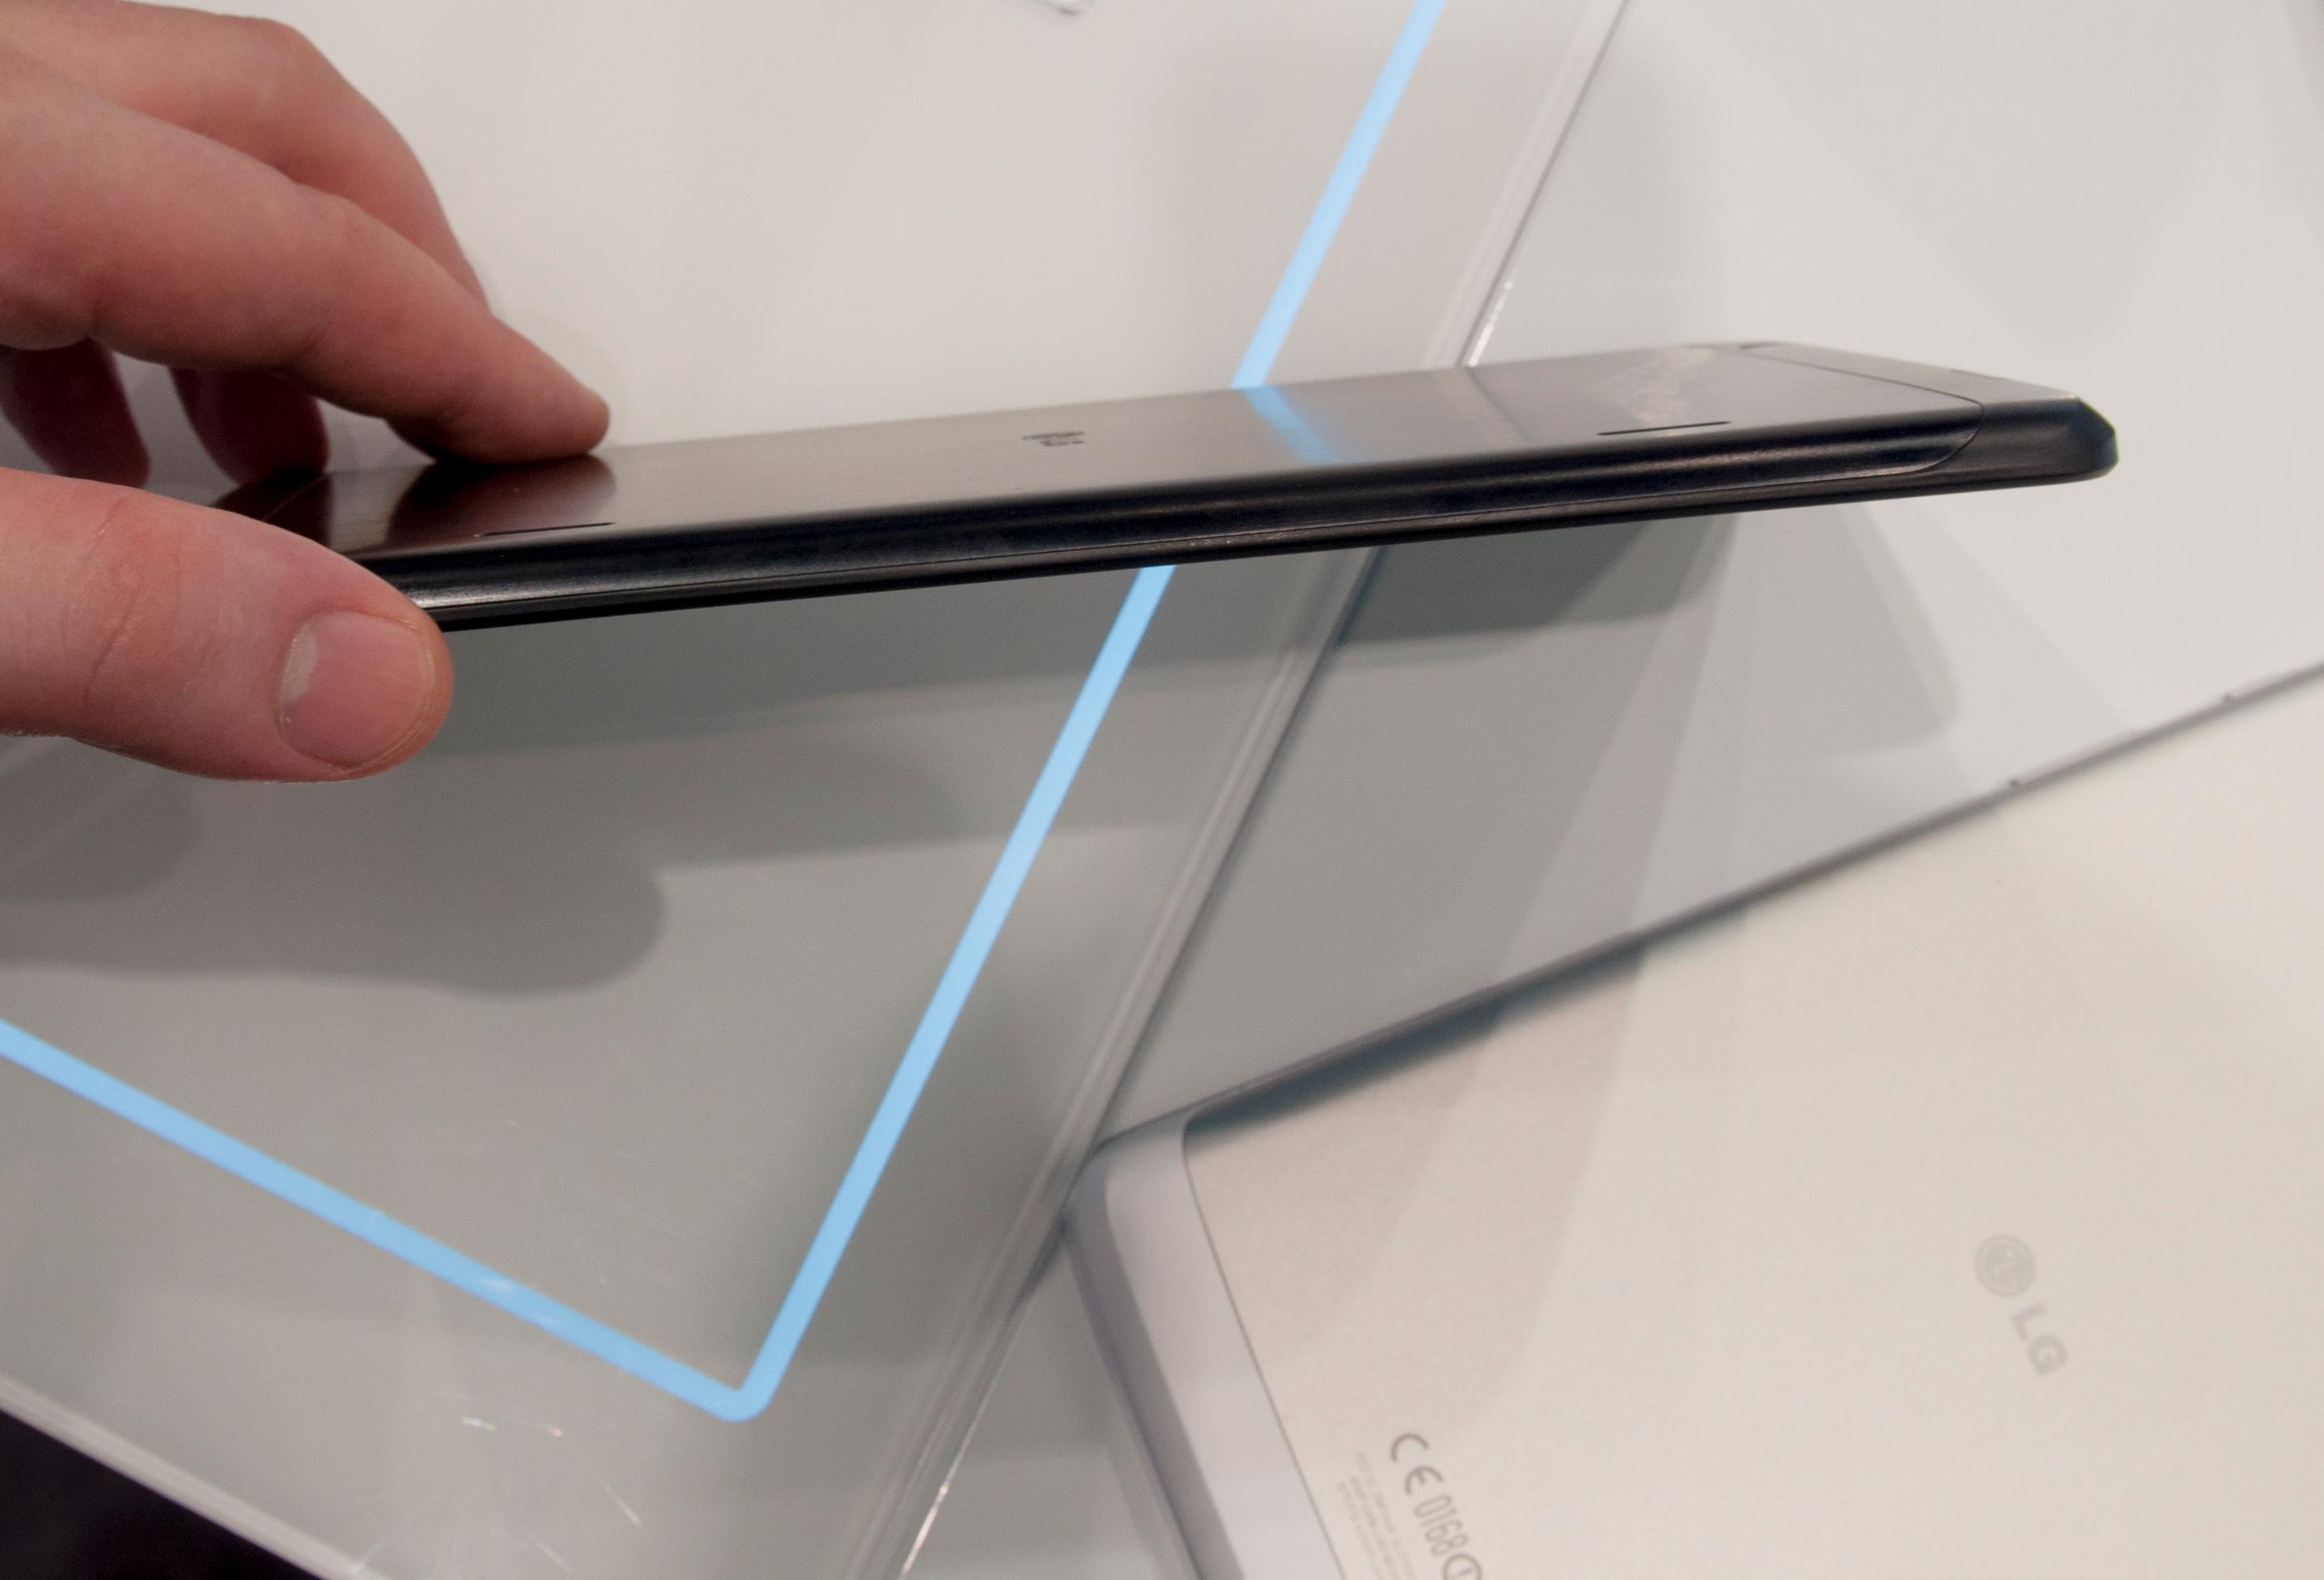 LG G Pad har 8,3 tommer stor skjerm, og er 8,3 millimeter tykt.Foto: Finn Jarle Kvalheim, Amobil.no